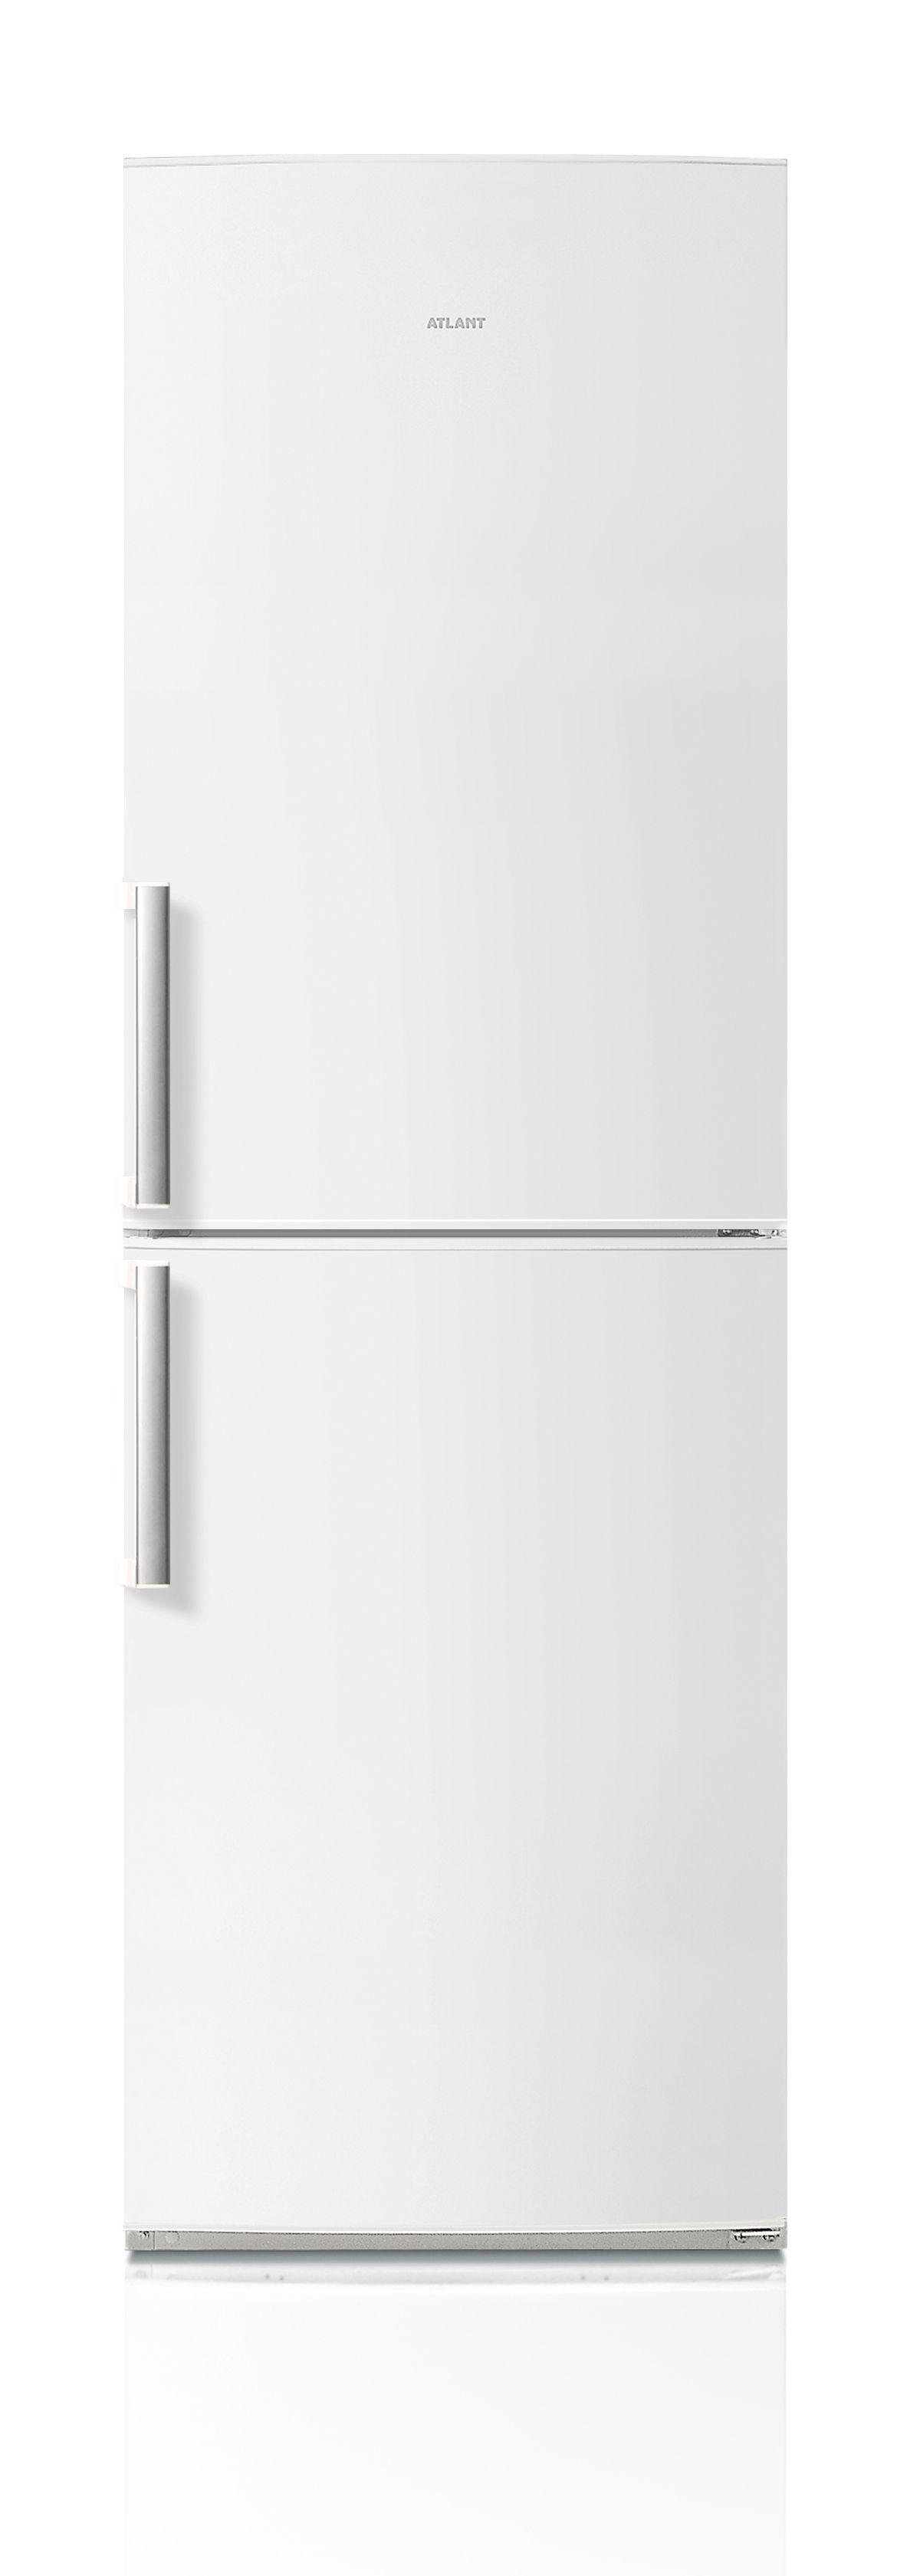 Холодильник Атлант 4425-000-NХолодильники<br><br><br>Артикул: ХМ 4425-000 N<br>Размеры (ШxГxВ): 60 x 63 x 197<br>Бренд: АТЛАНТ<br>Вес (кг): 77<br>Материал полок: стекло<br>Наличие морозильной камеры: да<br>Гарантия производителя: да<br>Общий объем (л): 288<br>Уровень шума (дБ): 43<br>Цвет: серебристый<br>Тип управления: механическое<br>Высота холодильника (см): 197<br>Объем морозильной камеры (л): 107<br>Объем холодильной камеры (л): 181<br>Размораживание морозильной камеры: no frost<br>Климатический класс: SN<br>Размораживание холодильной камеры: no frost<br>Тип холодильника: двухкамерный<br>Материал покрытия холодильника: пластик/металл<br>Количество компрессоров: 1<br>Возможность перевешивания дверей: да<br>Антибактериальное покрытие: нет<br>Класс энергопотребления: A+<br>Расположение морозильной камеры: снизу<br>Тип установки холодильника: отдельно стоящий